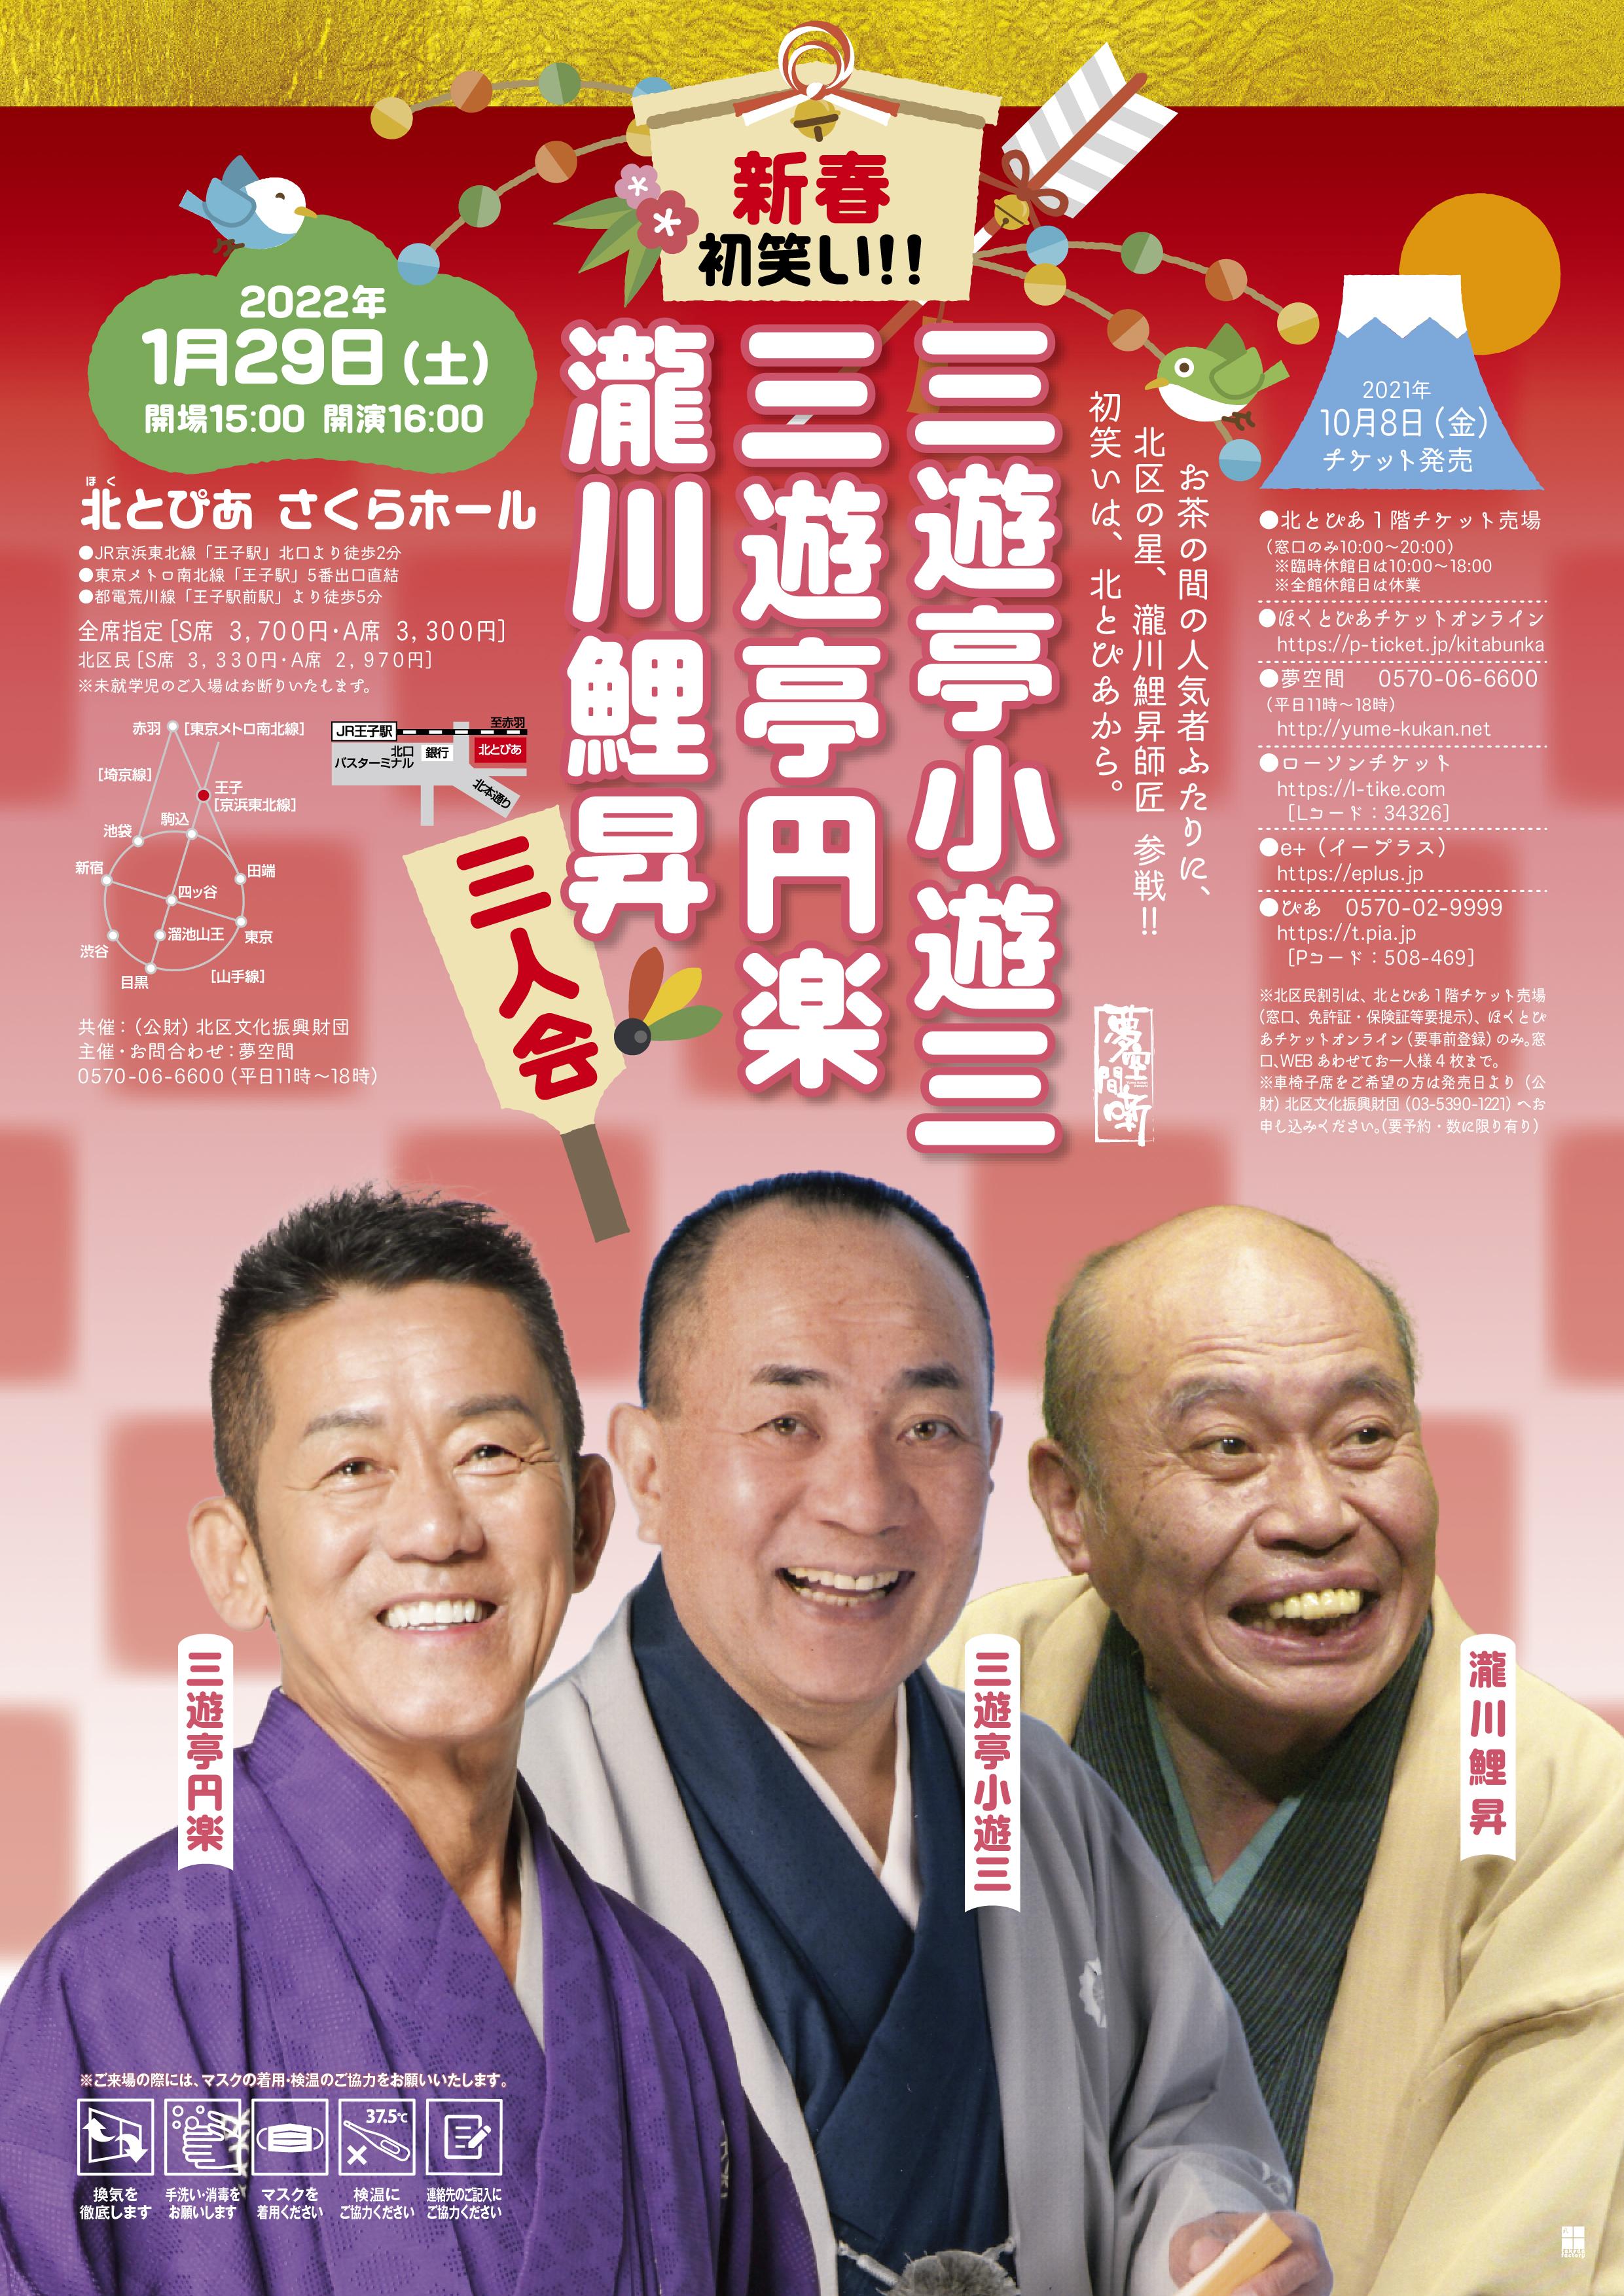 三遊亭小遊三・三遊亭円楽・瀧川鯉昇 三人会の画像